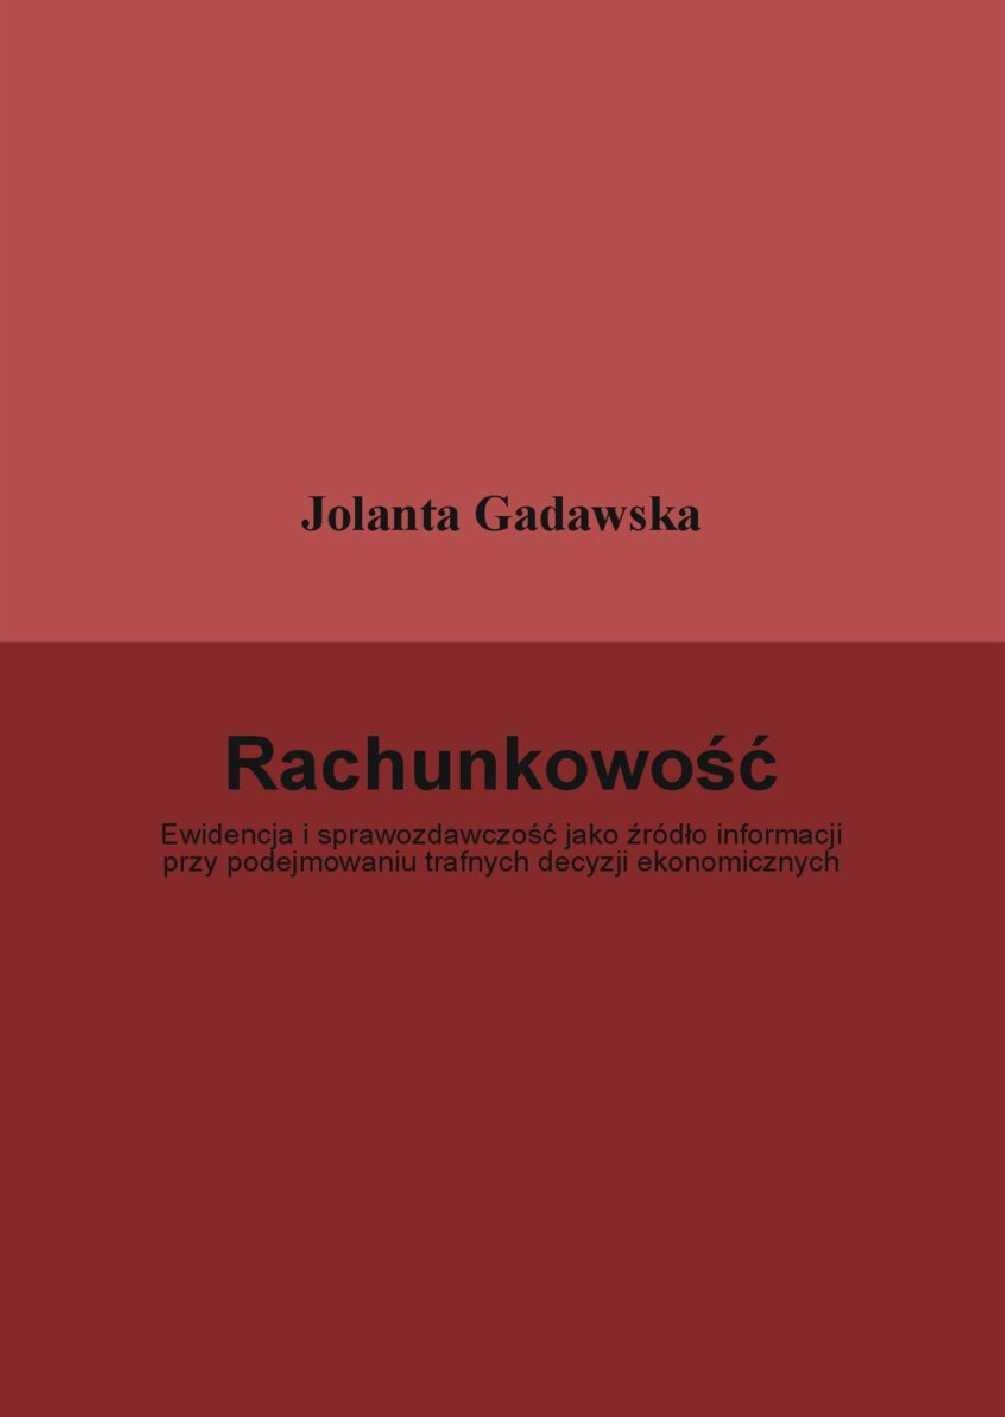 Rachunkowość. Ewidencja i sprawozdawczość jako źródło informacji przy podejmowaniu trafnych decyzji ekonomicznych - Ebook (Książka PDF) do pobrania w formacie PDF